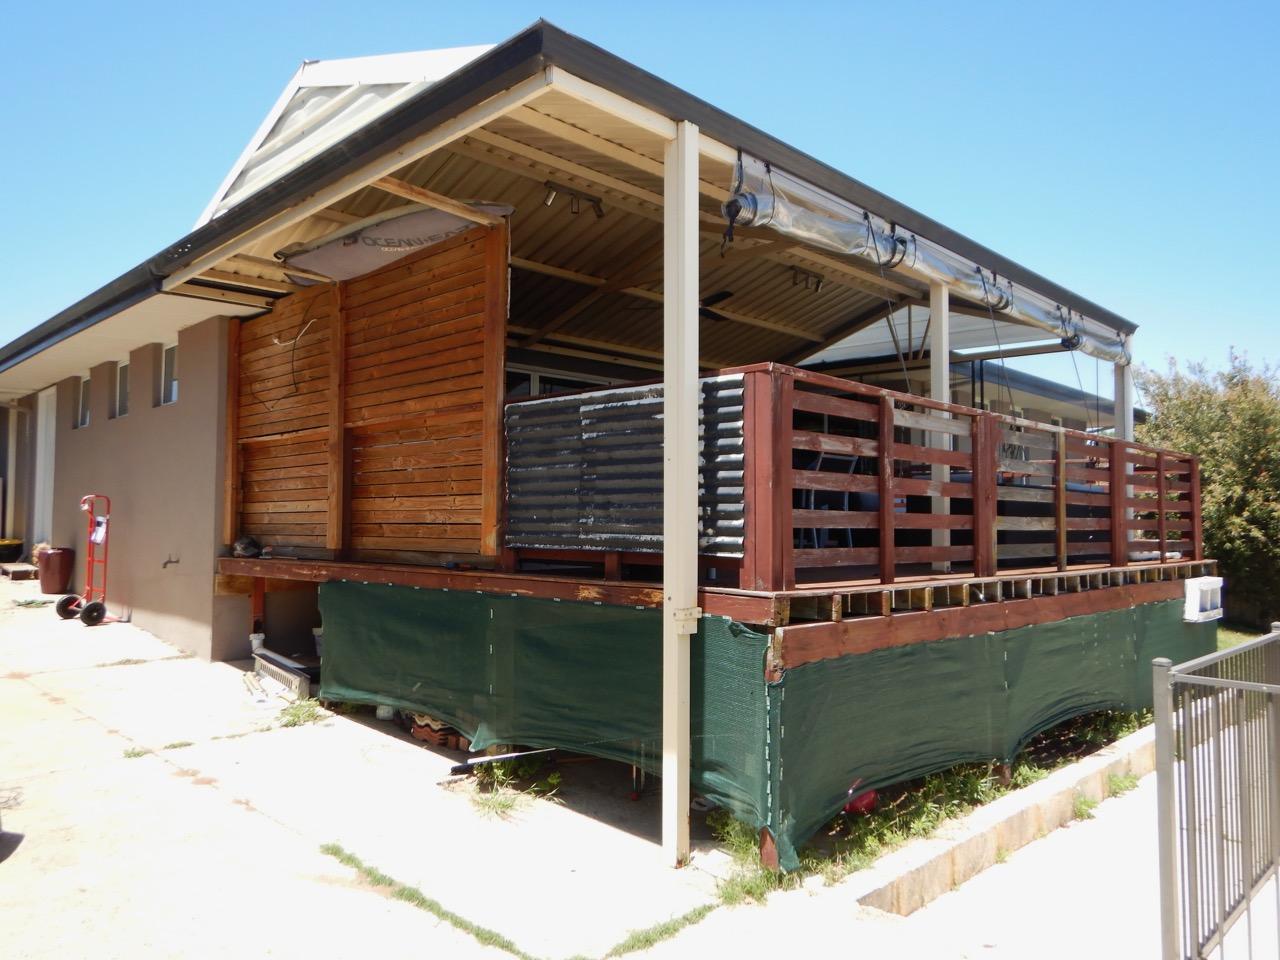 Building inspectors Melbourne